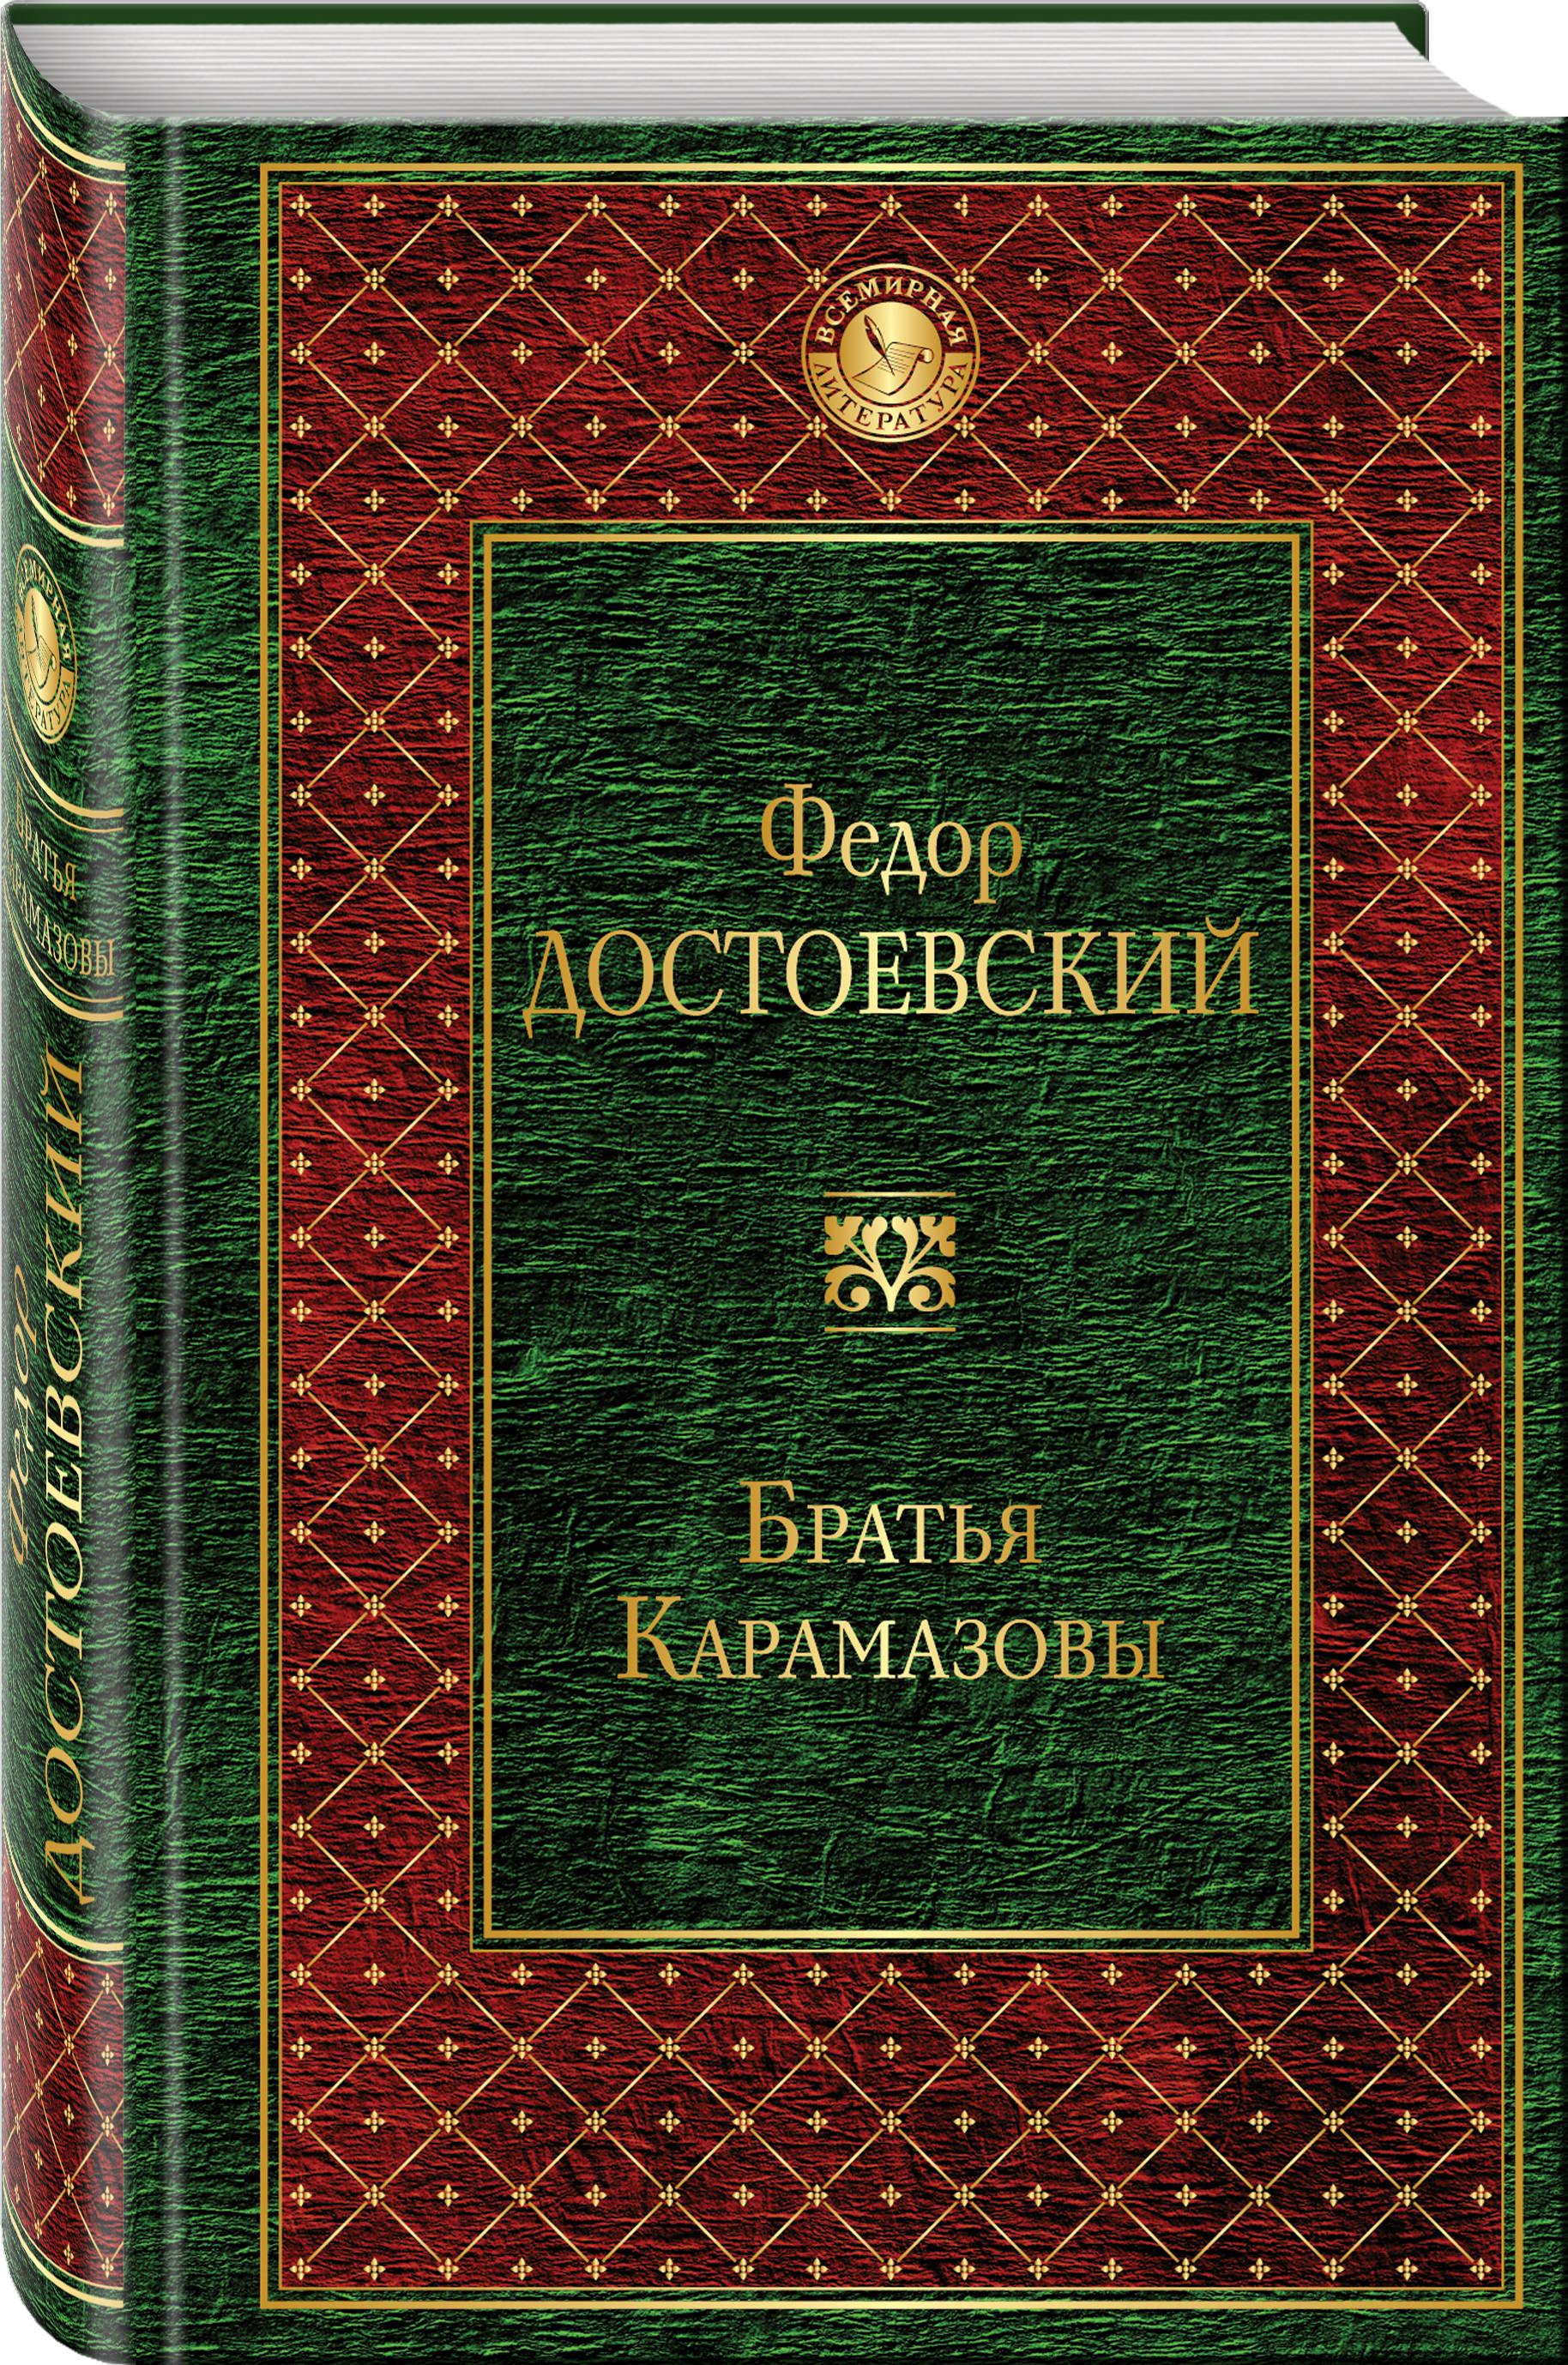 Федор Достоевский Братья Карамазовы братья карамазовы роман в четырех частях с эпилогом часть третья